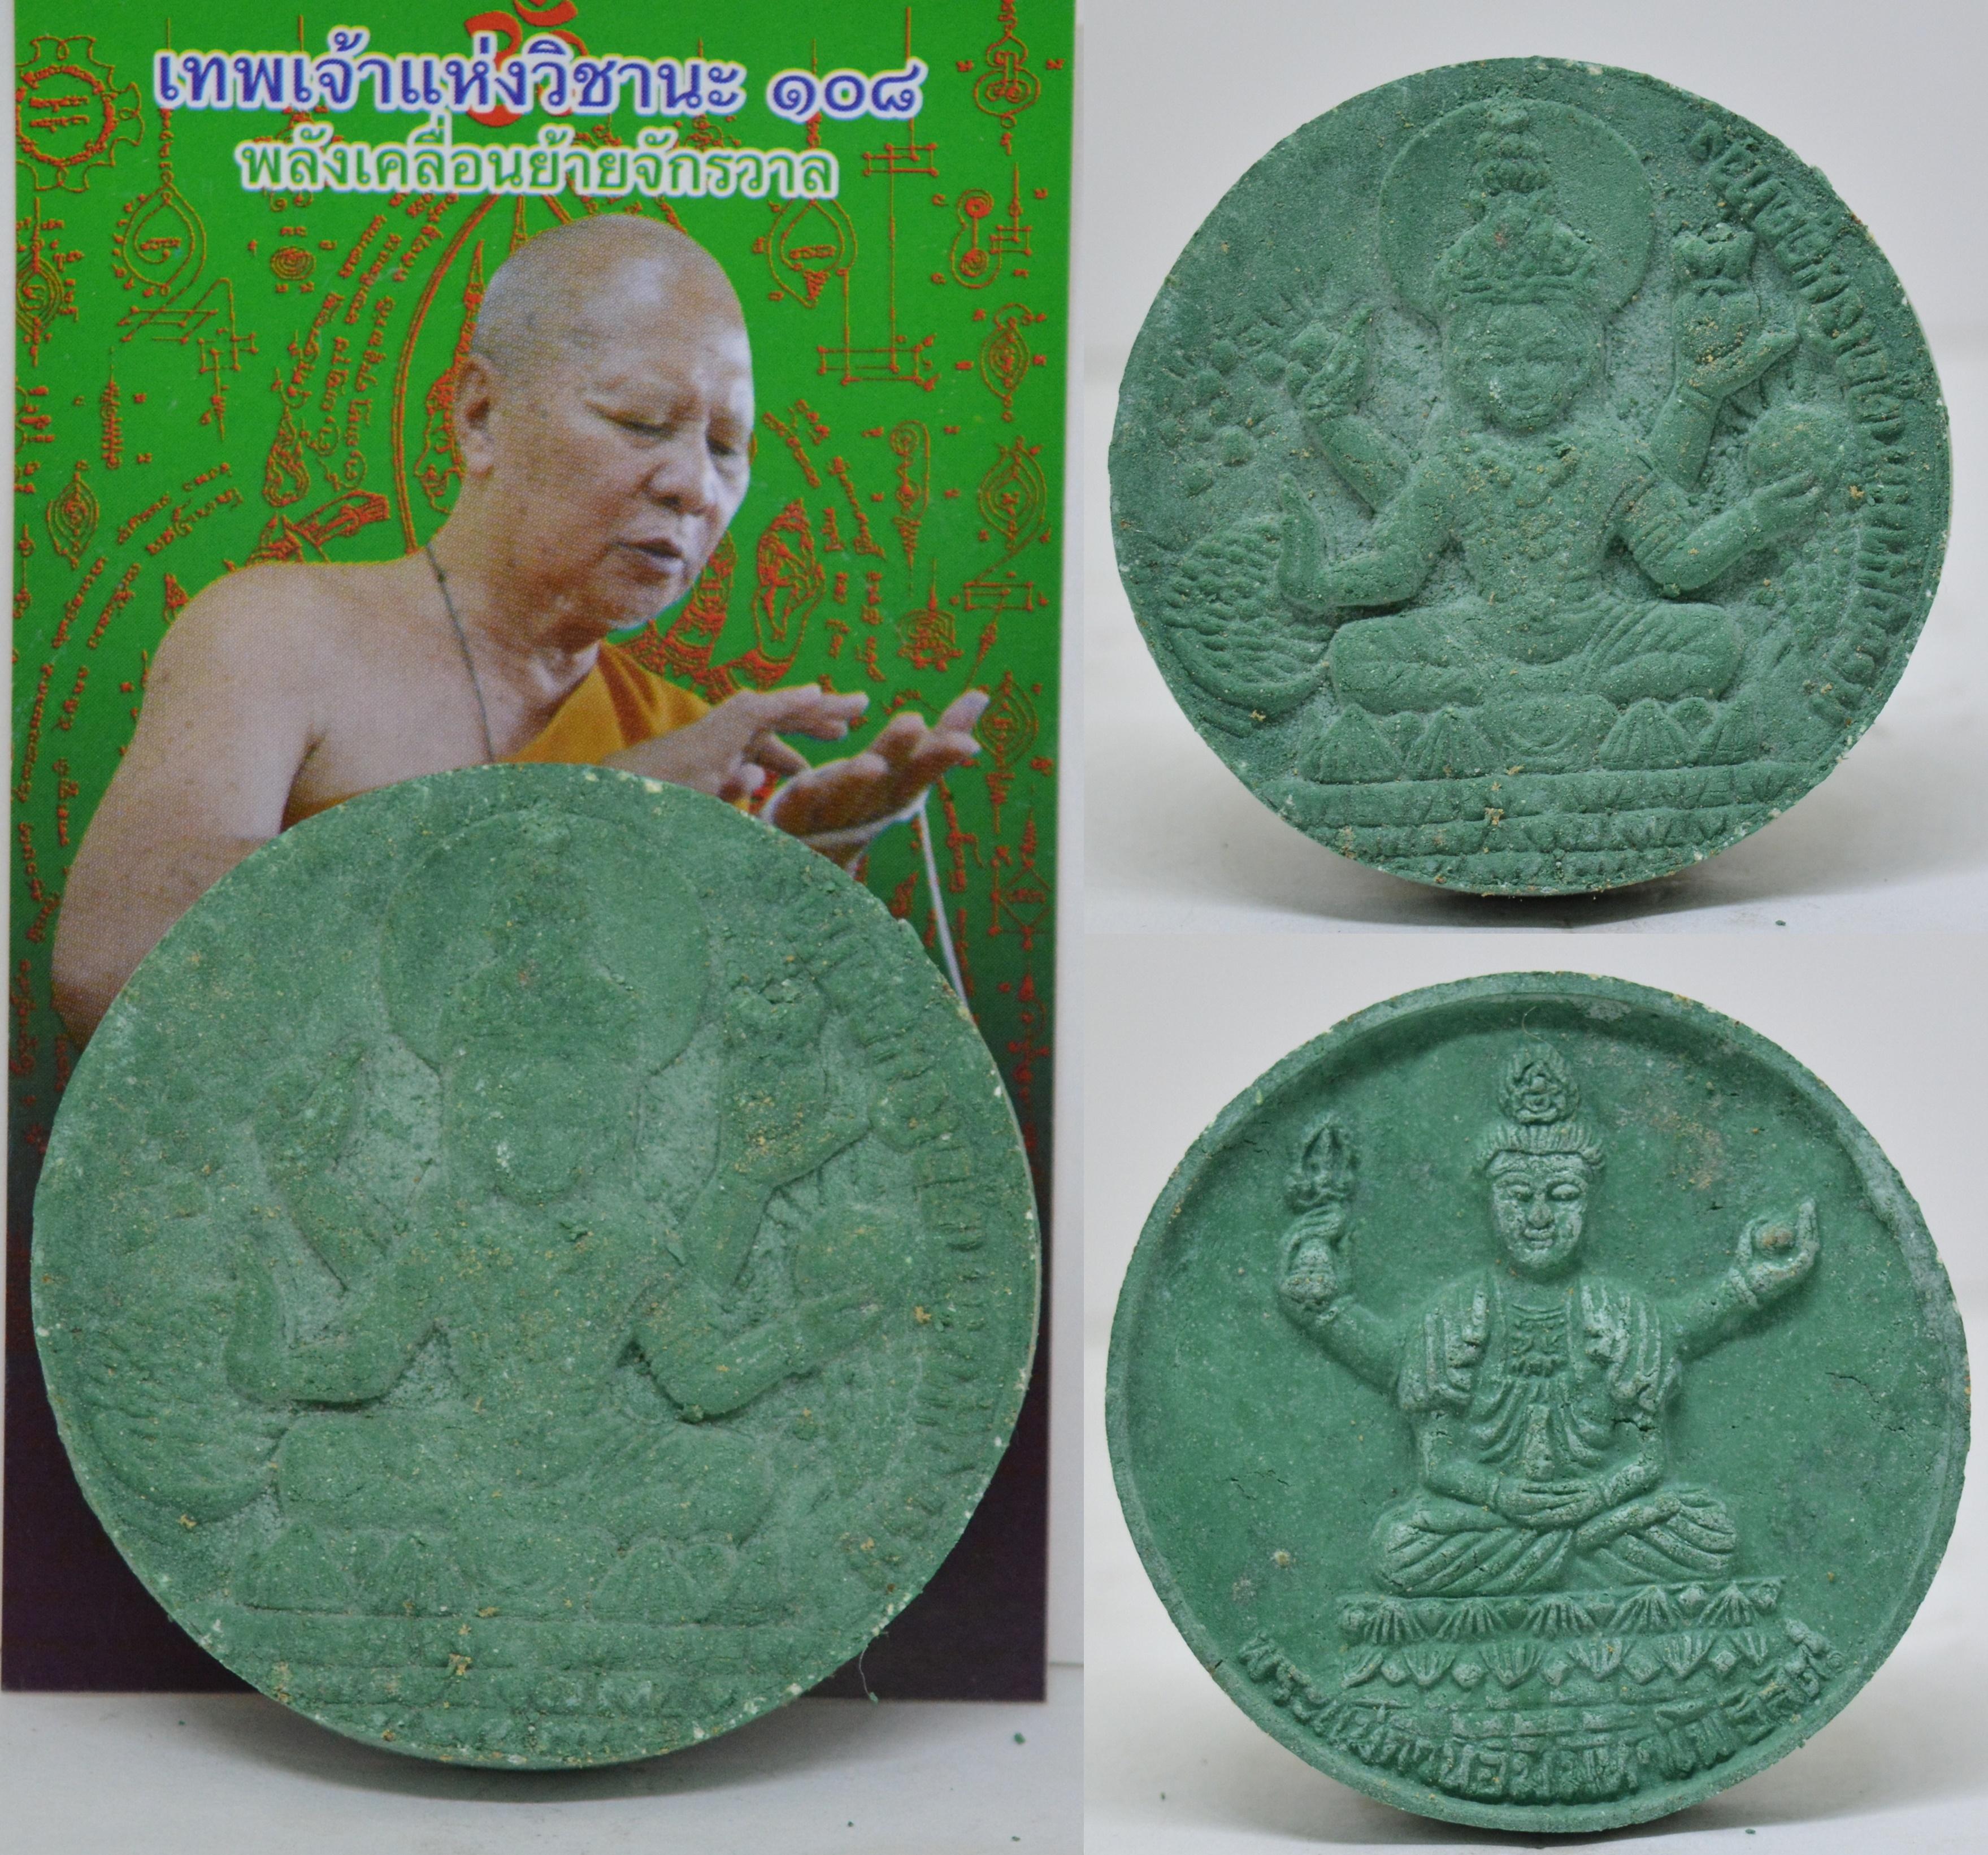 เจ้าแม่กวนอิม เนื้อผงสีเขียว ครูบาคำเป็ง สำนักสงฆ์มะค่างาม กำแพงเพชร 2561